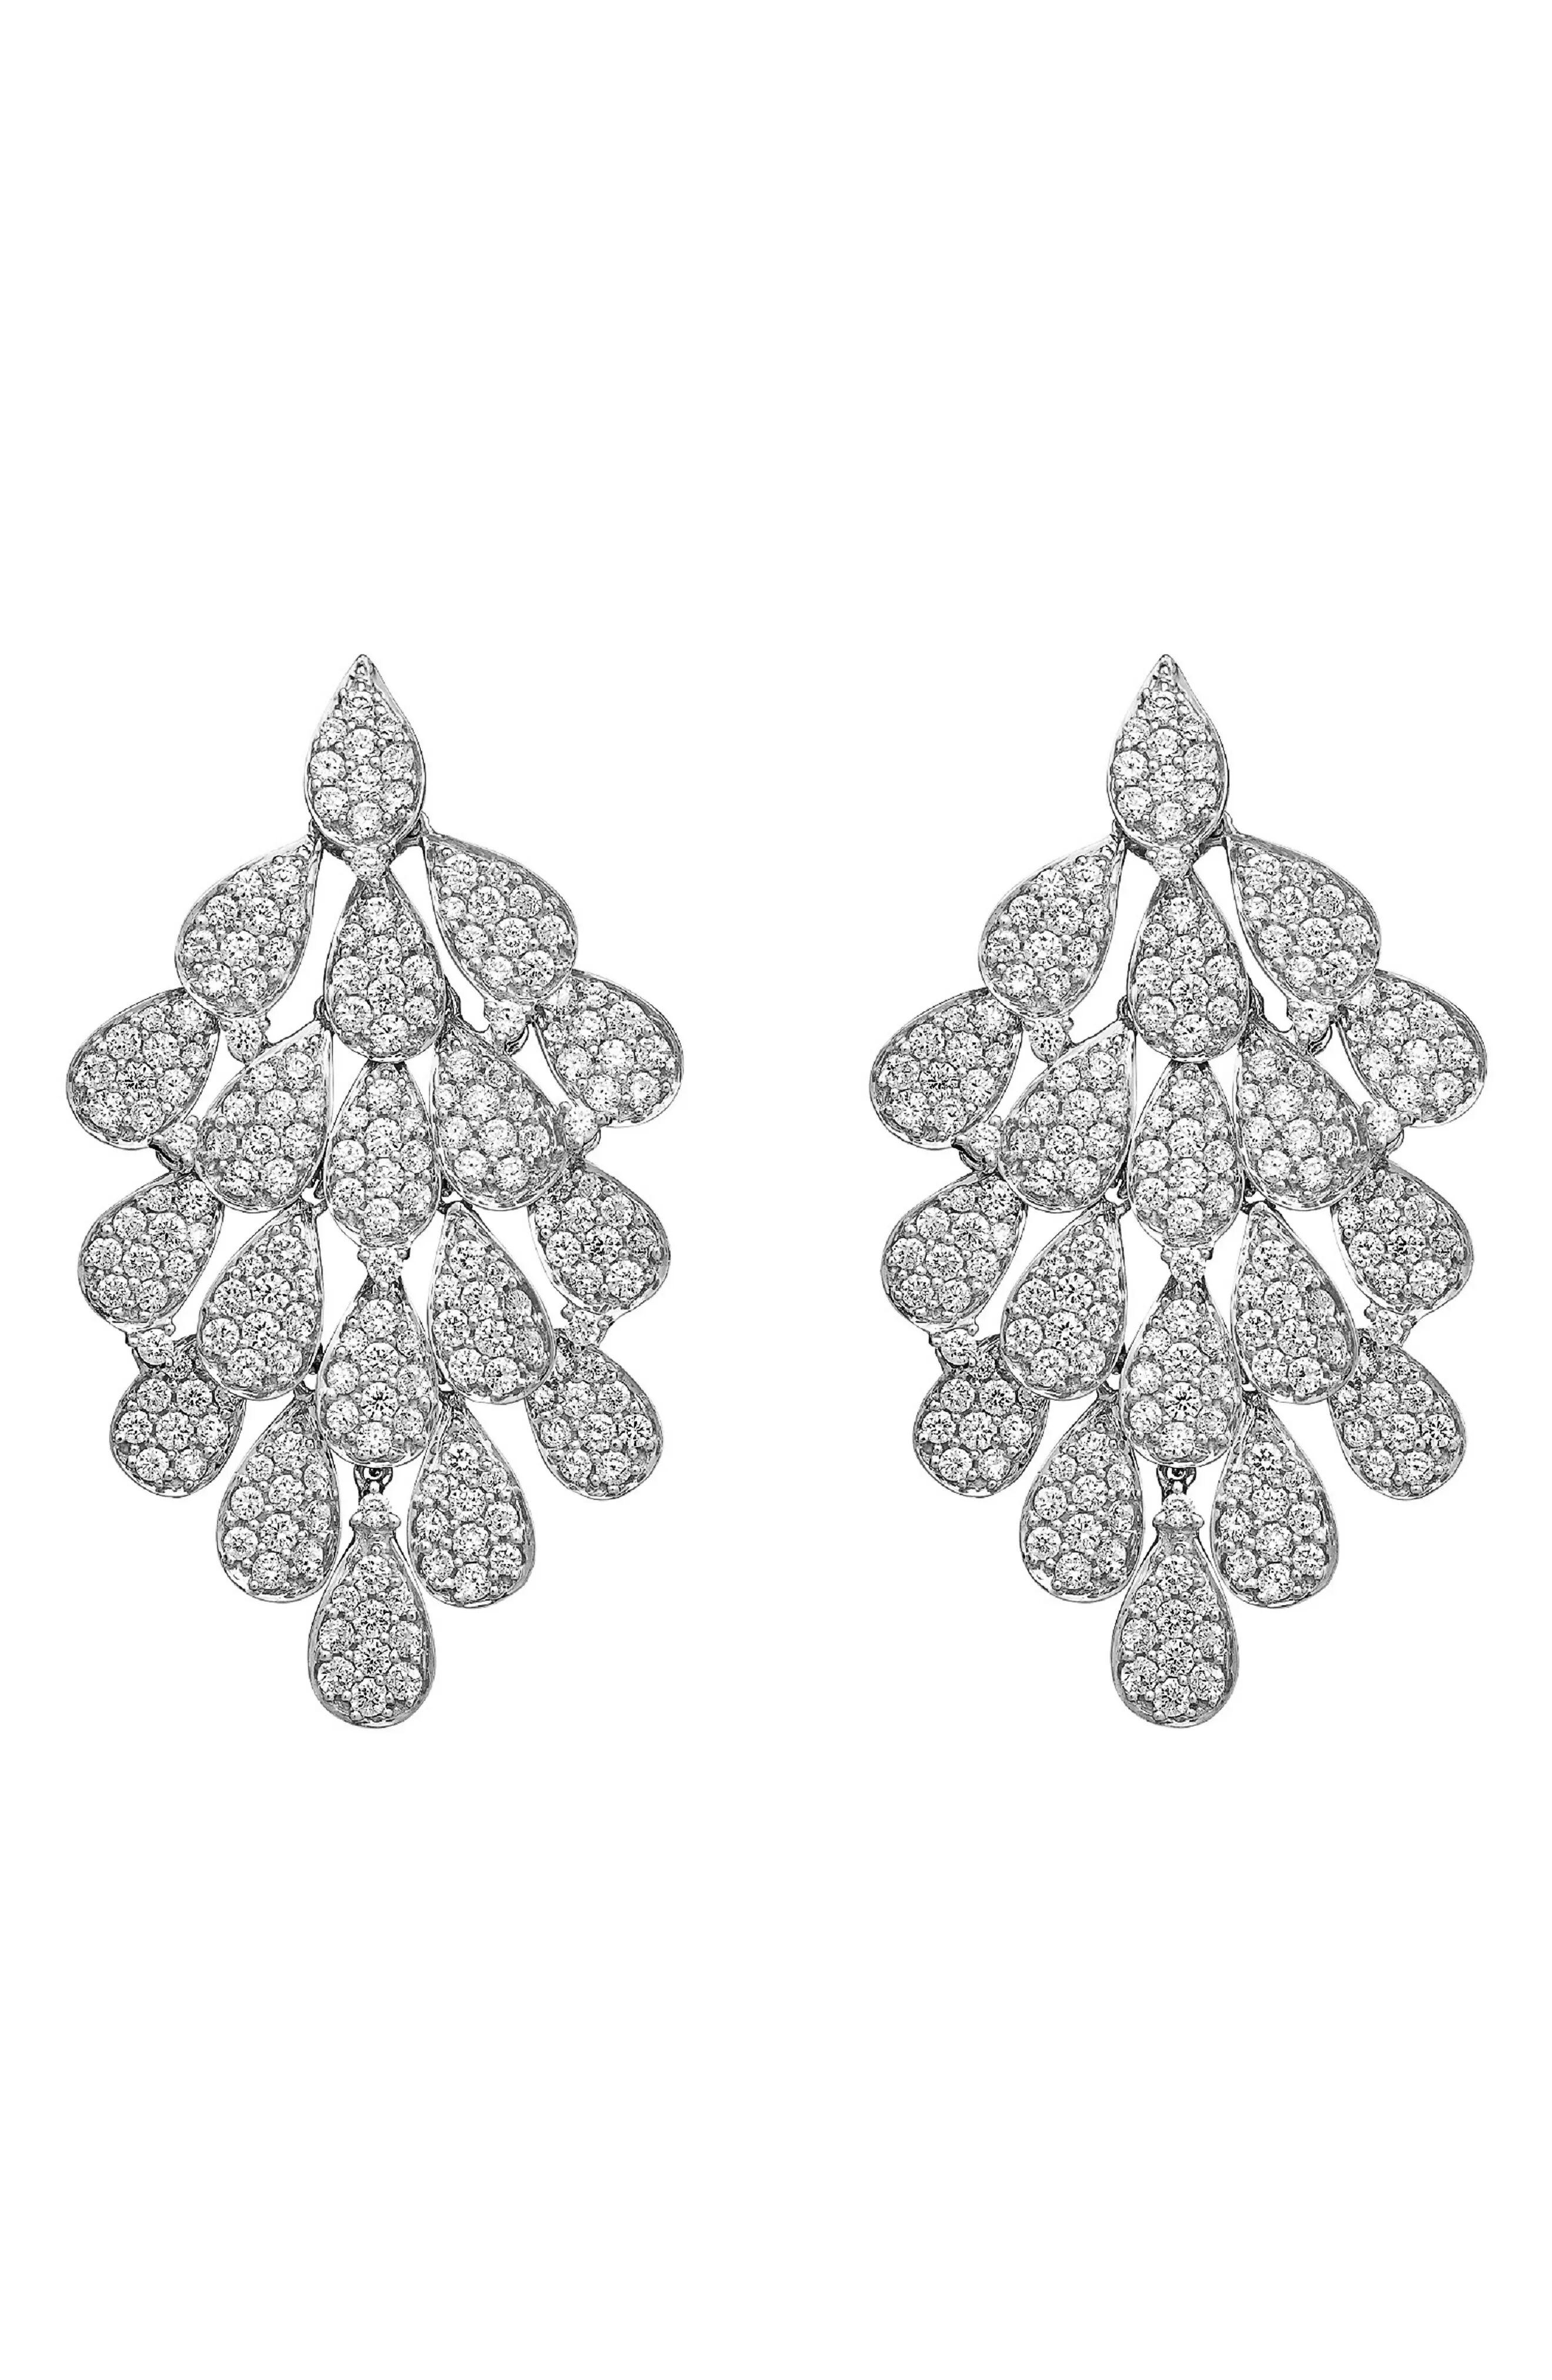 Hueb Women's Hueb Secret Garden Diamond Chandelier Earrings